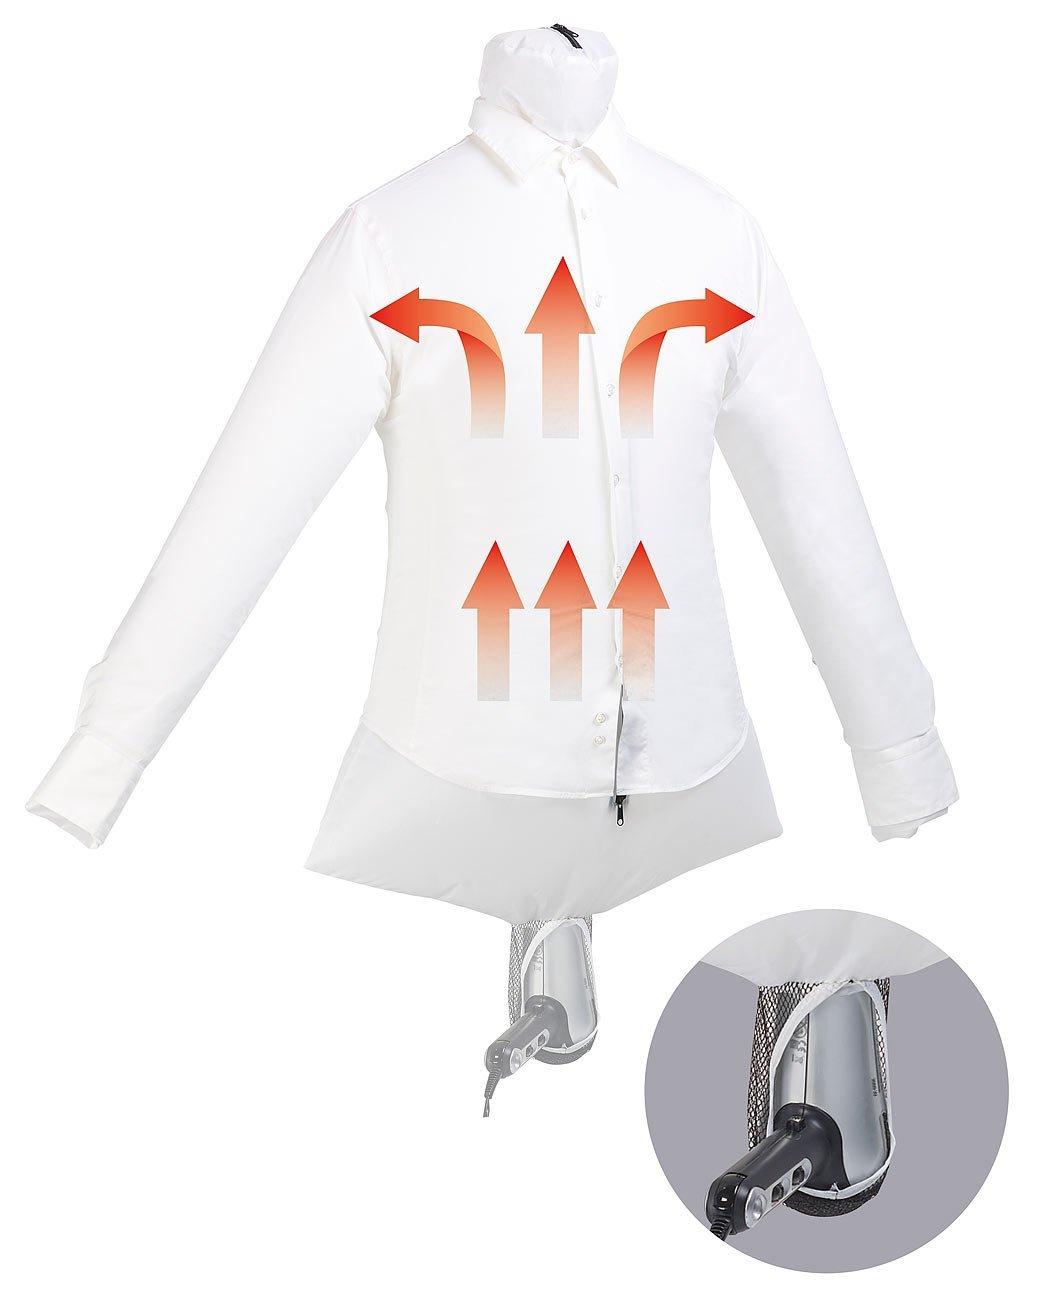 Sichler Haushaltsgeräte Reisebügelpuppe: 2in1-Reise-Bügelpuppe mit Haartrockner-Aufhängung, trocknet & glättet (Bügelhilfe)